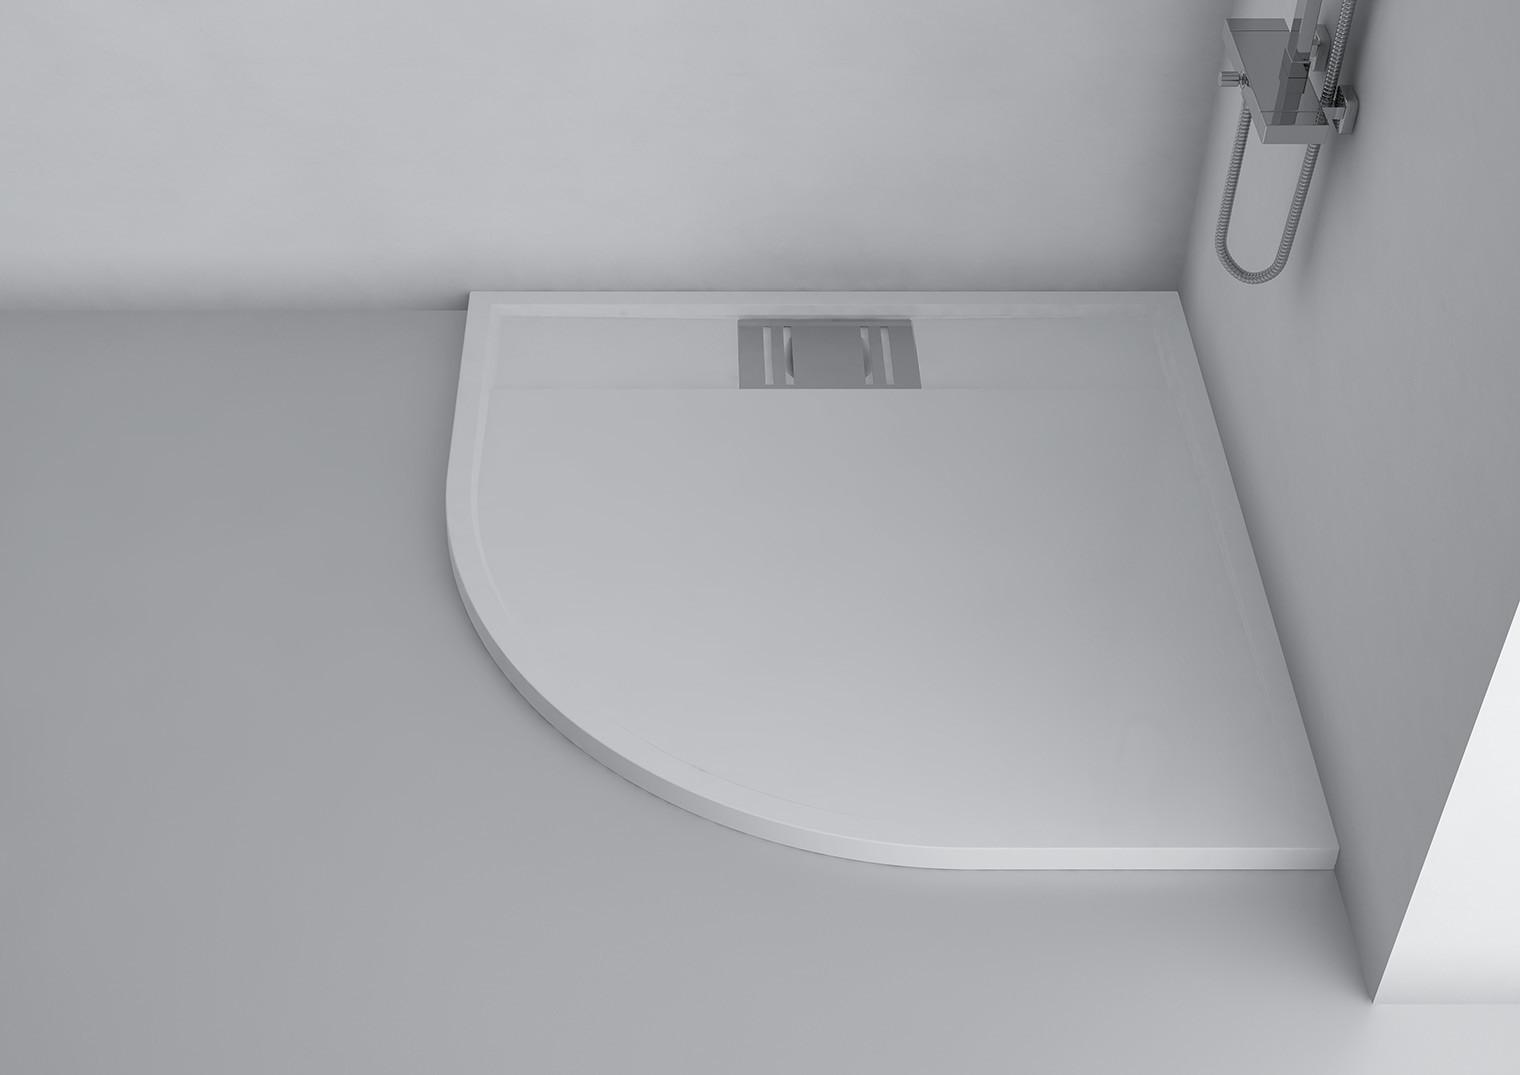 duschwanne 90x90 cm novara mineralguss viertelkreis flach. Black Bedroom Furniture Sets. Home Design Ideas